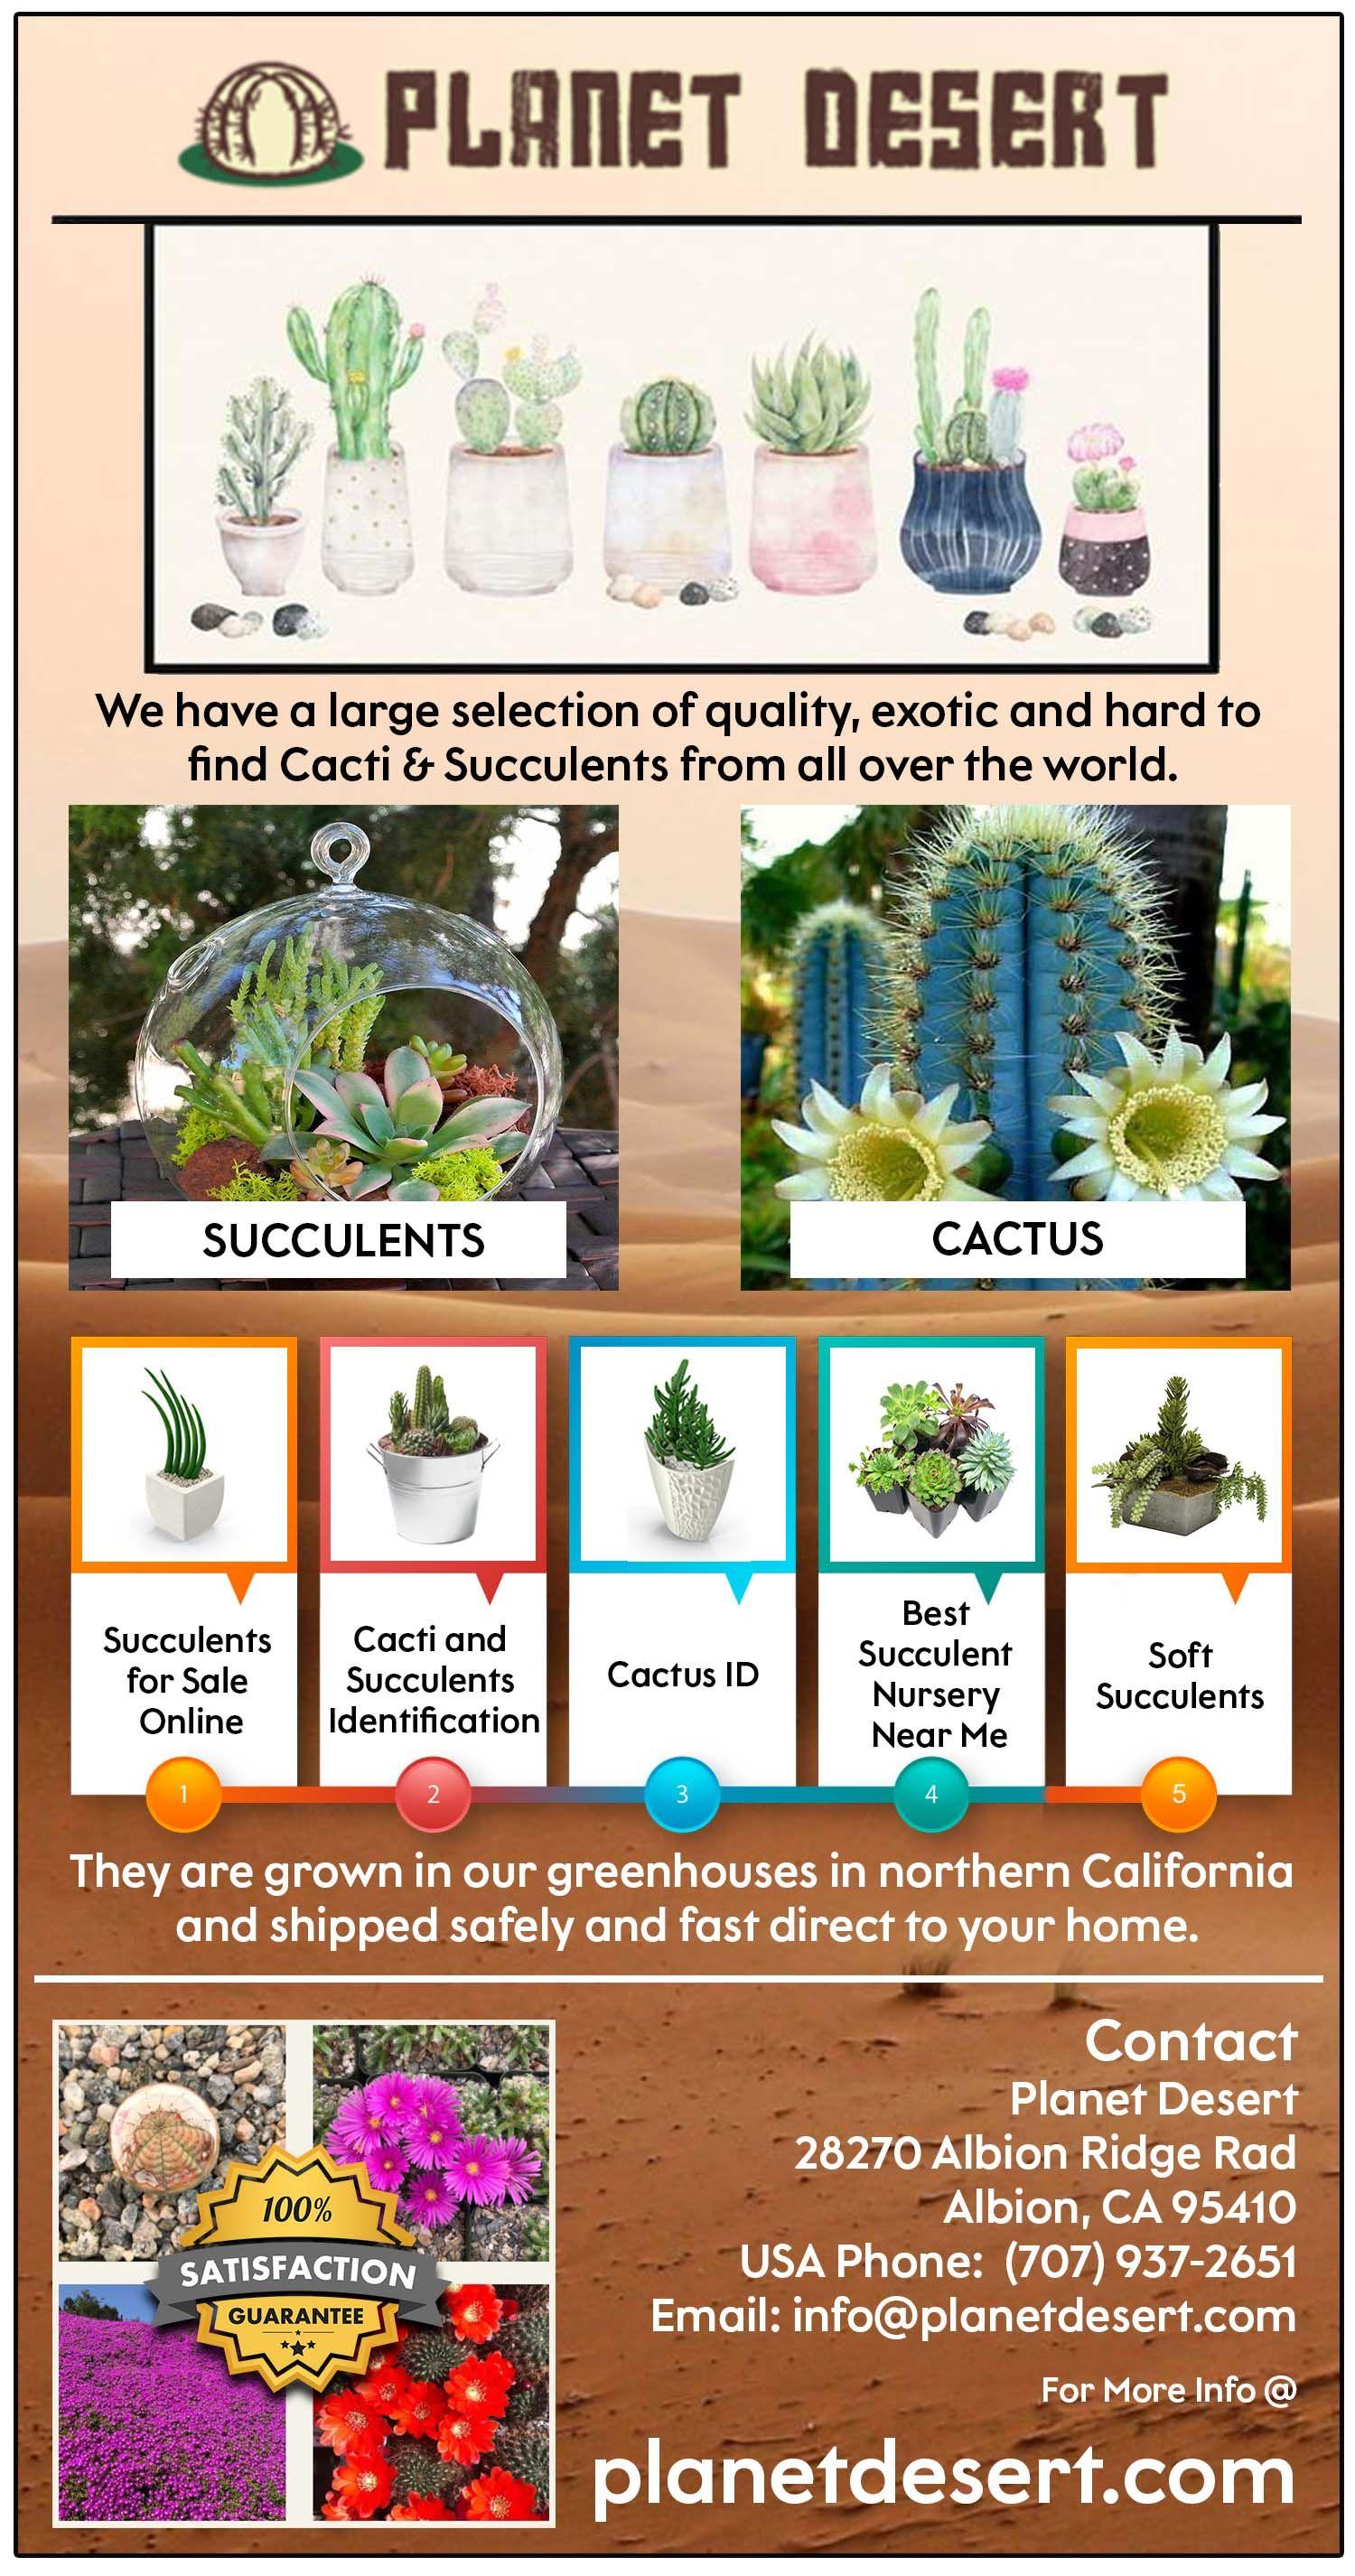 72 Hour Heat Pack Cactus Plants